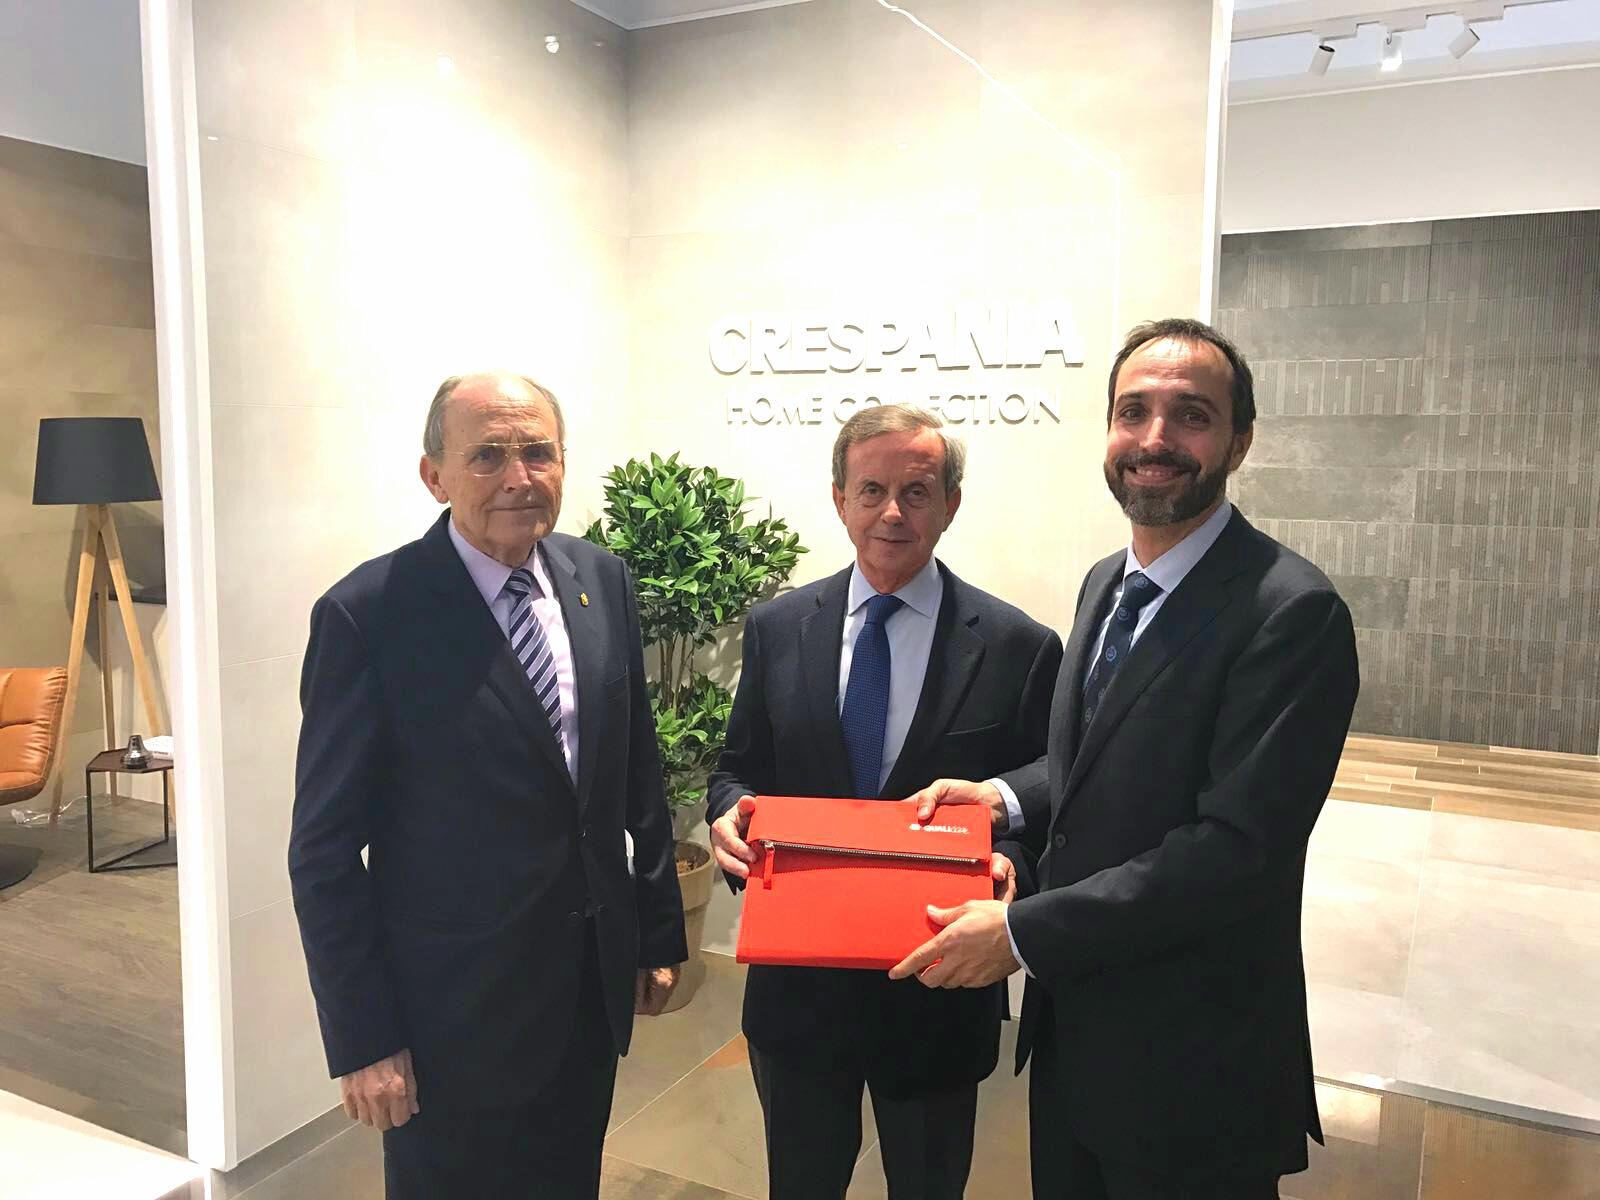 Luis Hernández, Presidente y Consejero Delegado de Grespania confirma su participación en Qualicer 18